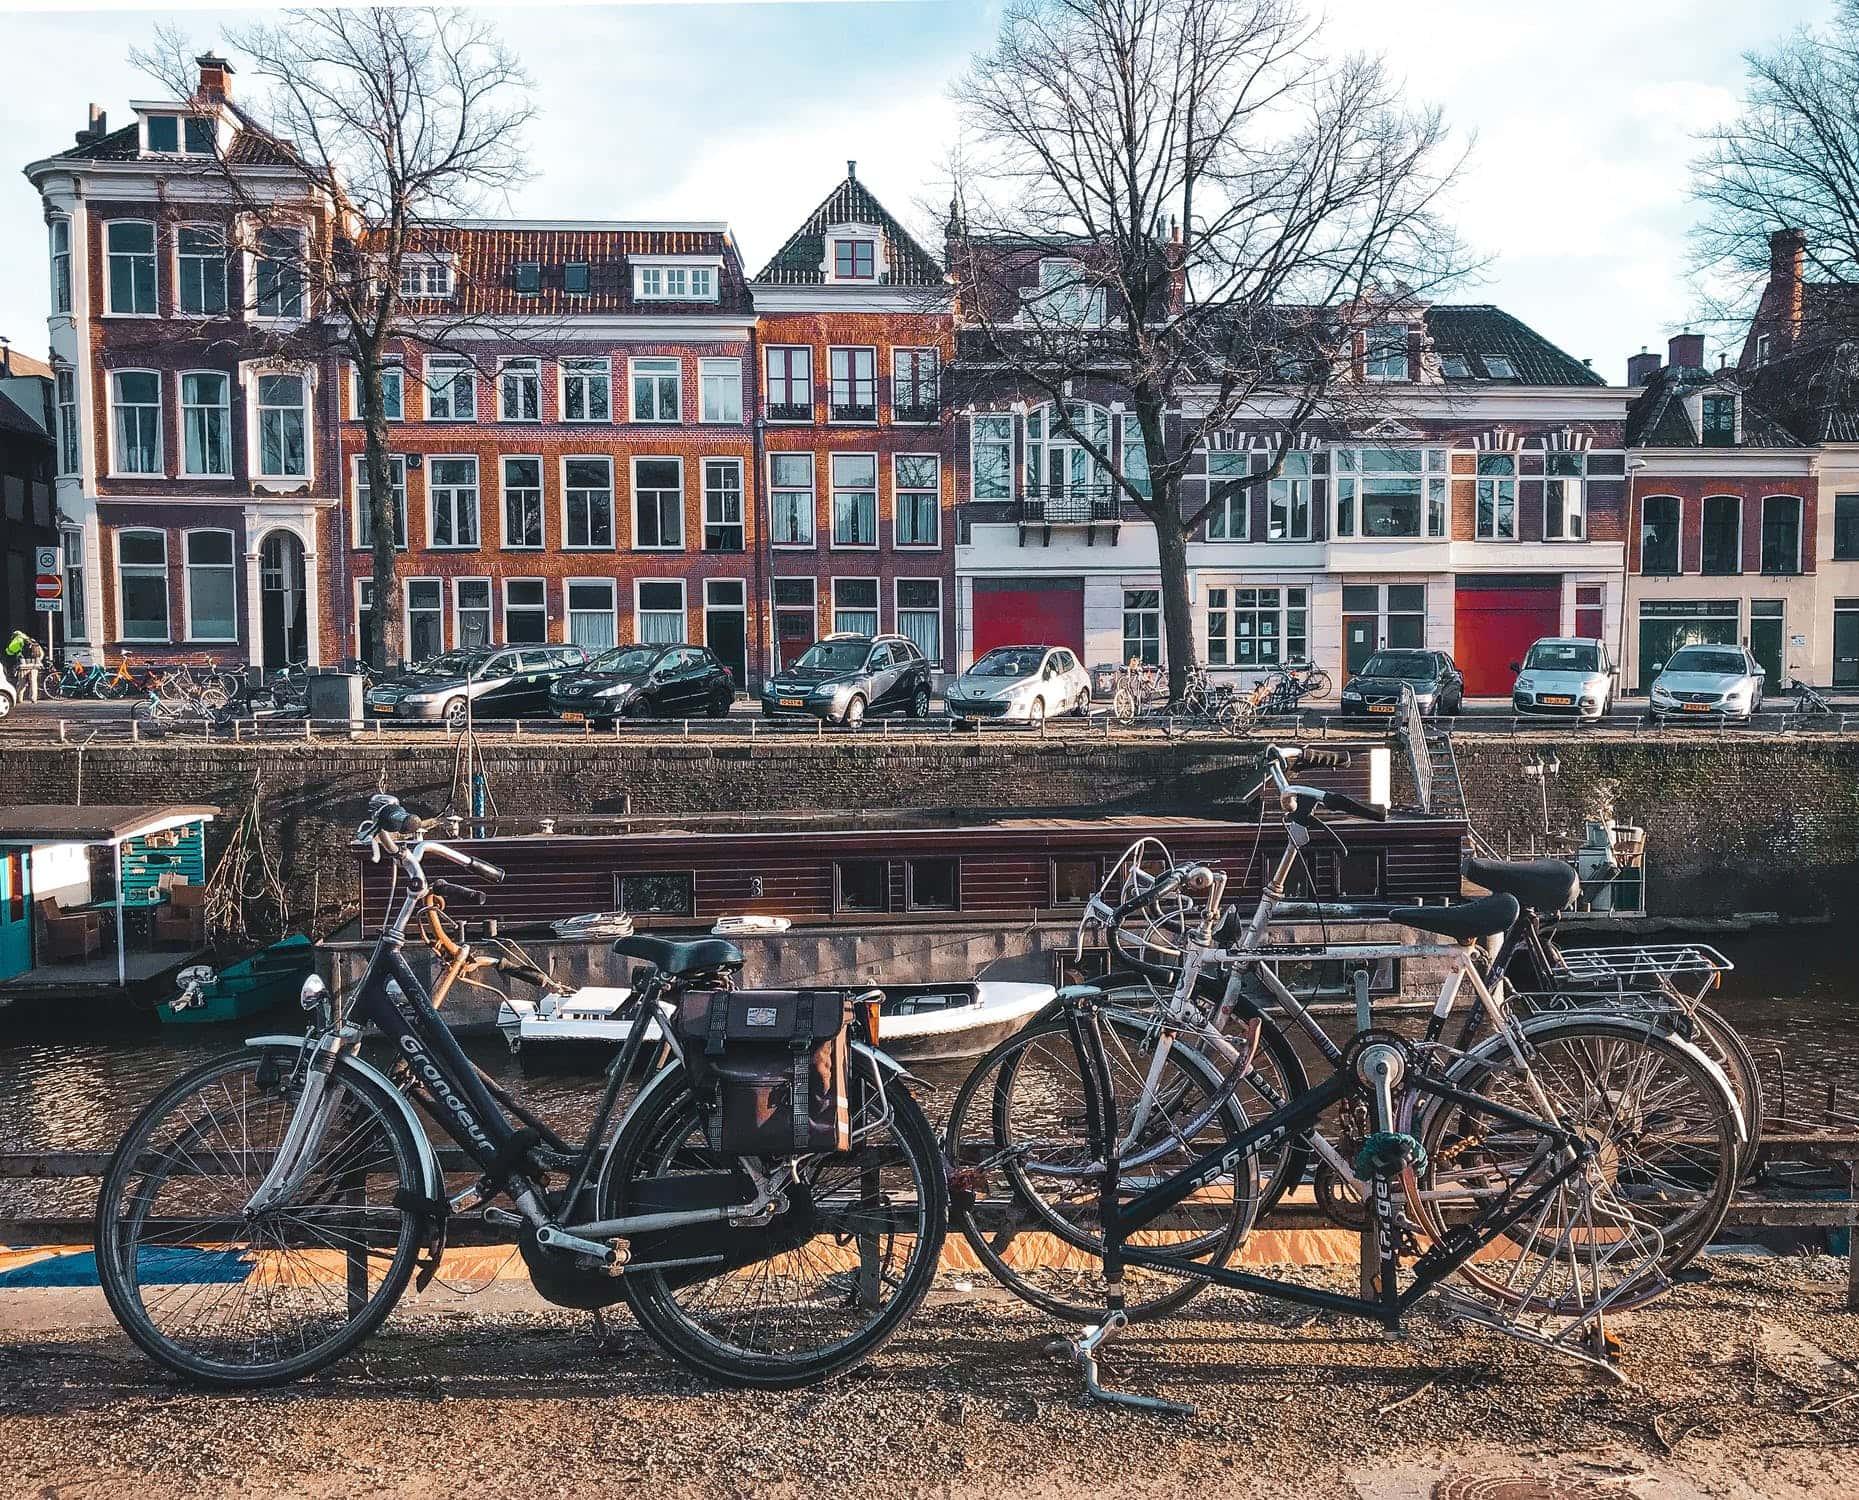 Disfruta de la comida española en Holanda. Envíos gratis a Ámsterdam, Rotterdam, Utrech o cualquier otra ciudad Países Bajos